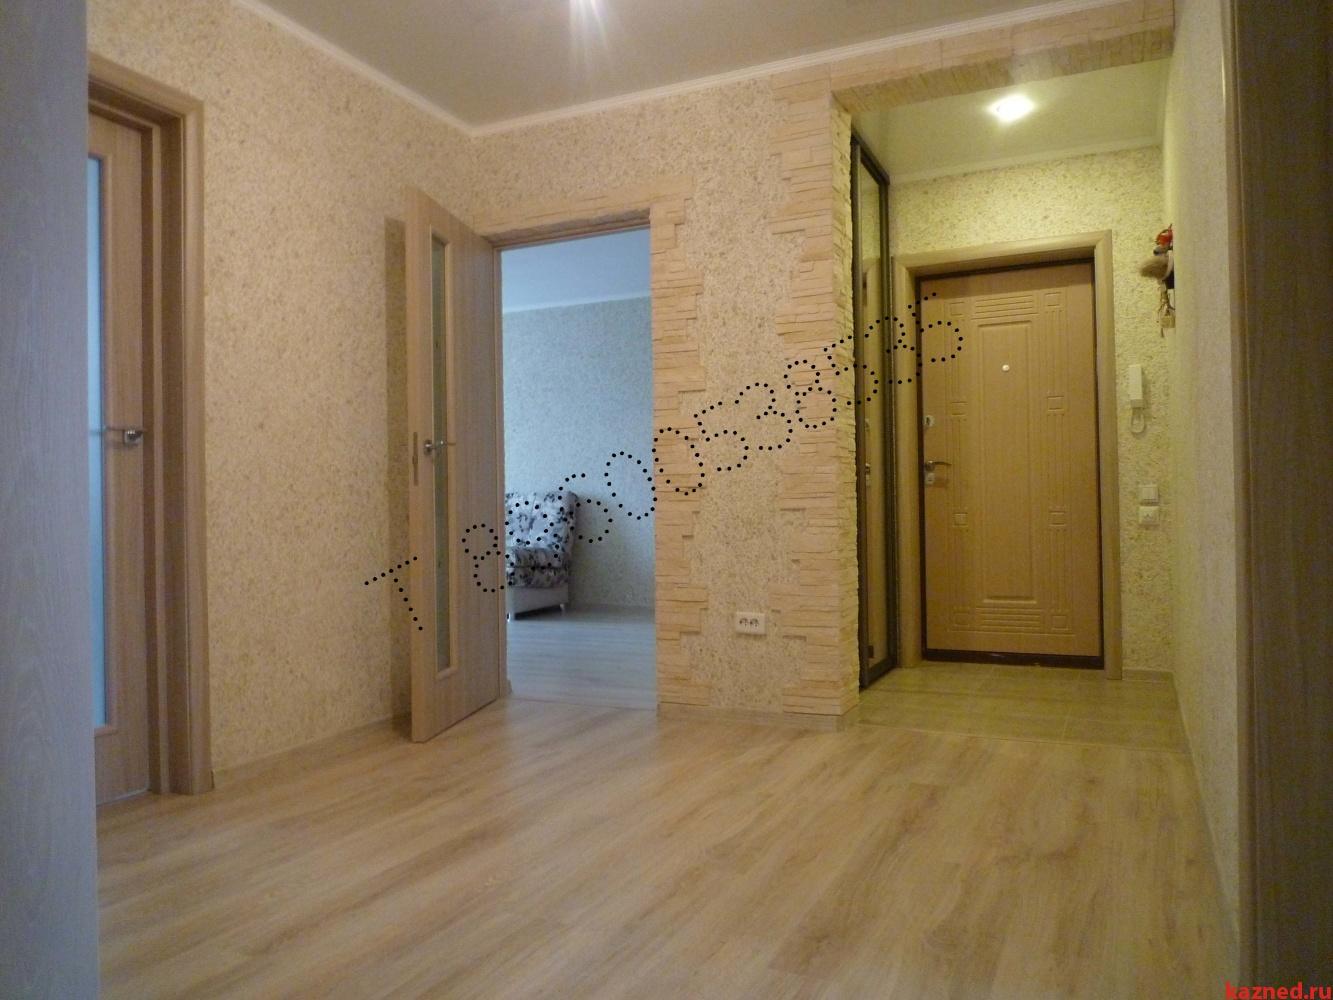 Продажа 4-к квартиры Амирхана Еники 4/2, 105 м² (миниатюра №2)